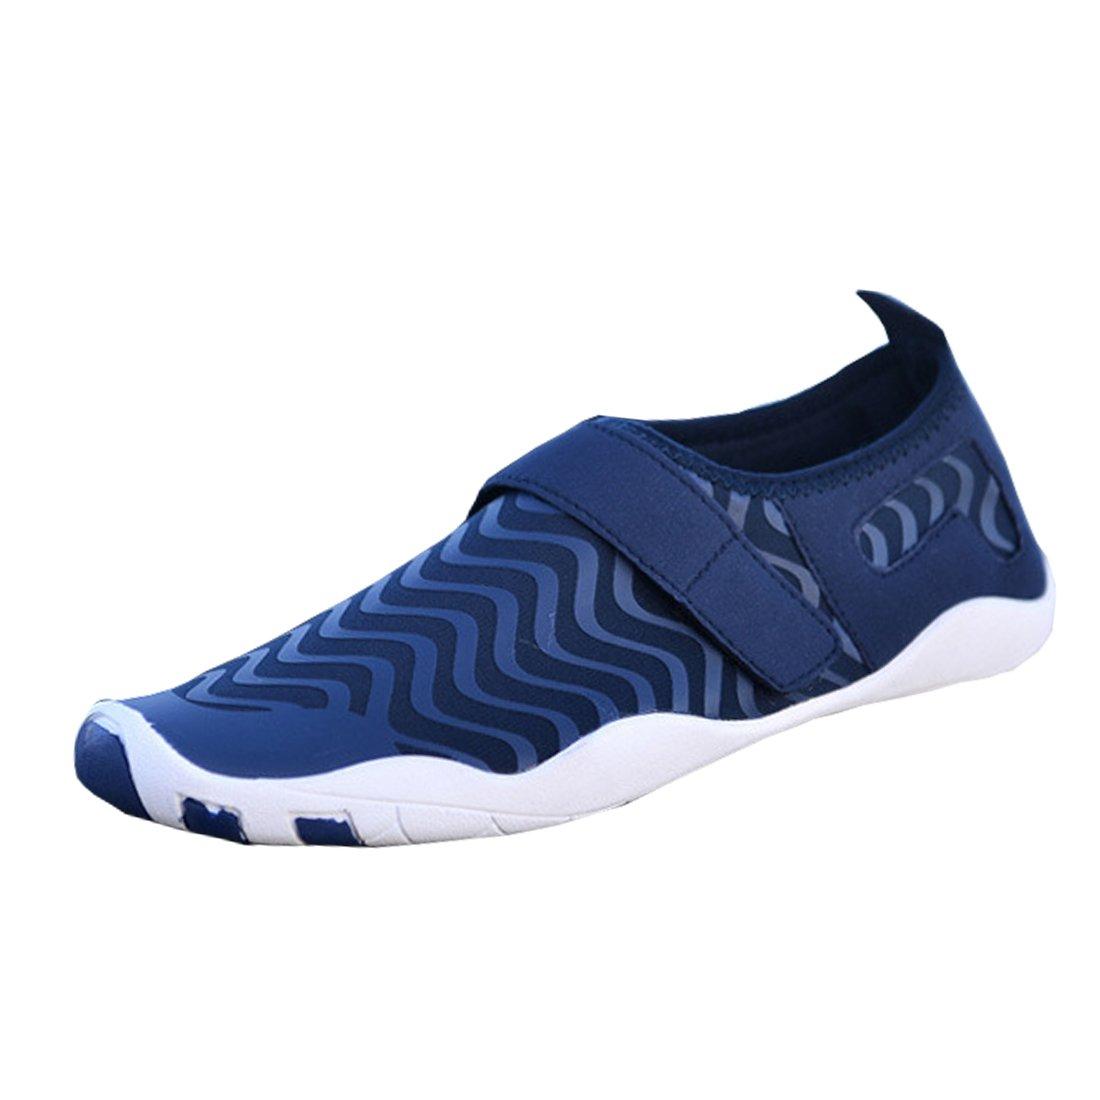 Cool& D Aquaschuhe Aqua Schuhe Wasserschuhe Fitness Schuhe Atmungsaktiv Strandschuhe Schwimmschuhe Badeschuhe Surfschuhe für Damen Herren Kinder